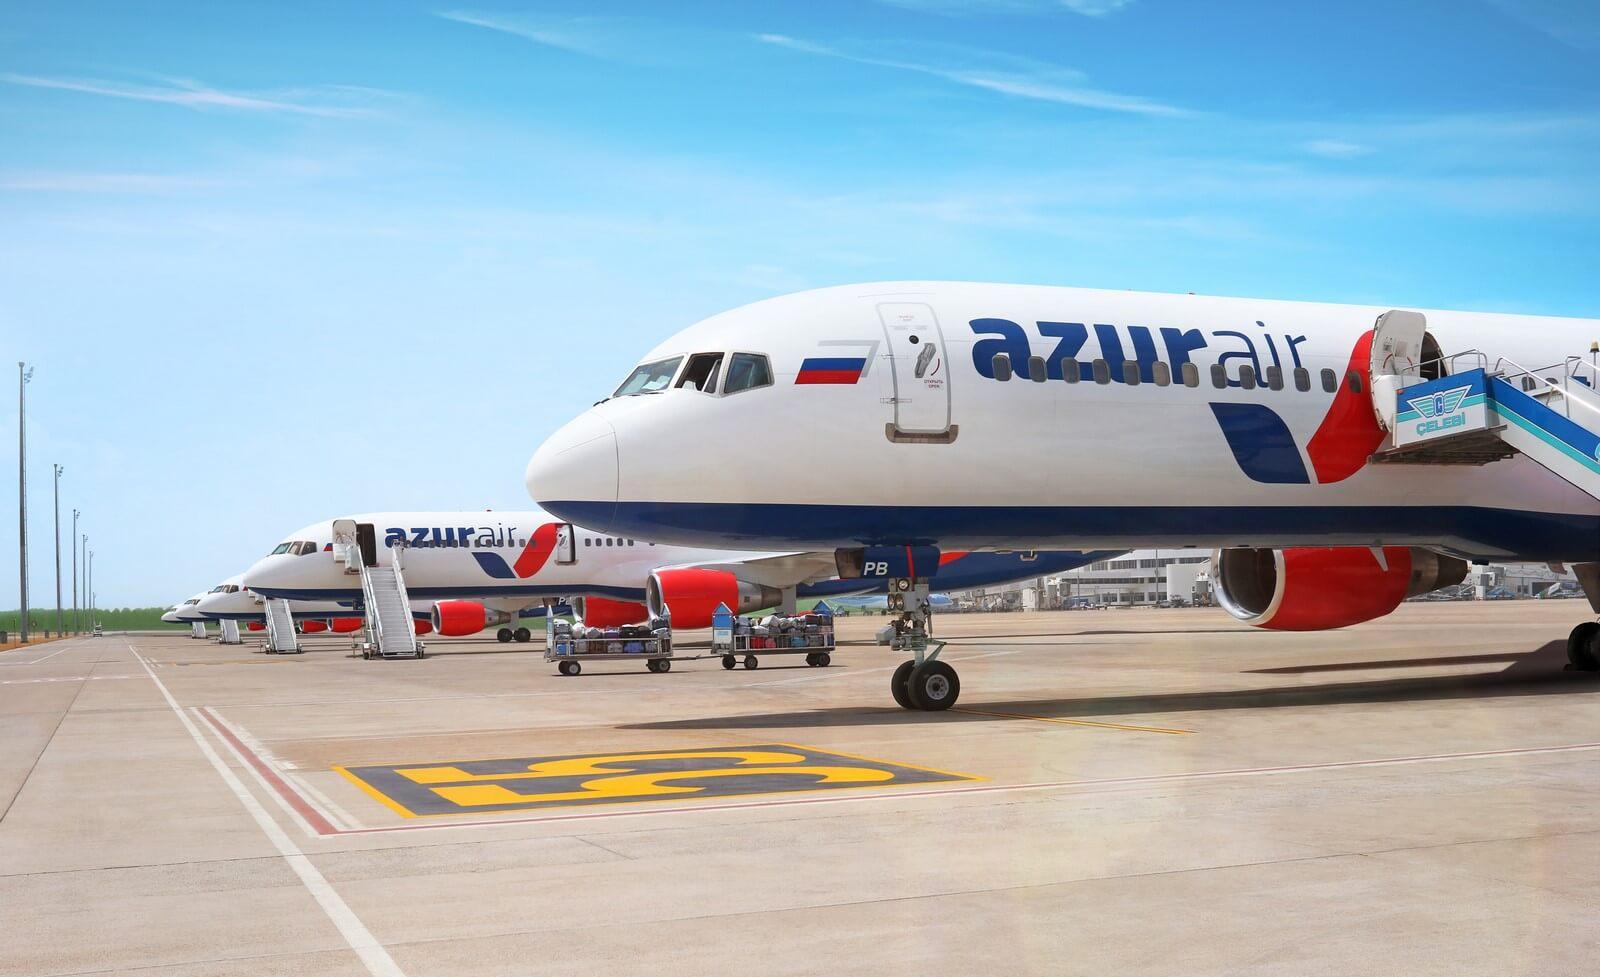 Внедрение системы безналичной оплаты на борту самолета